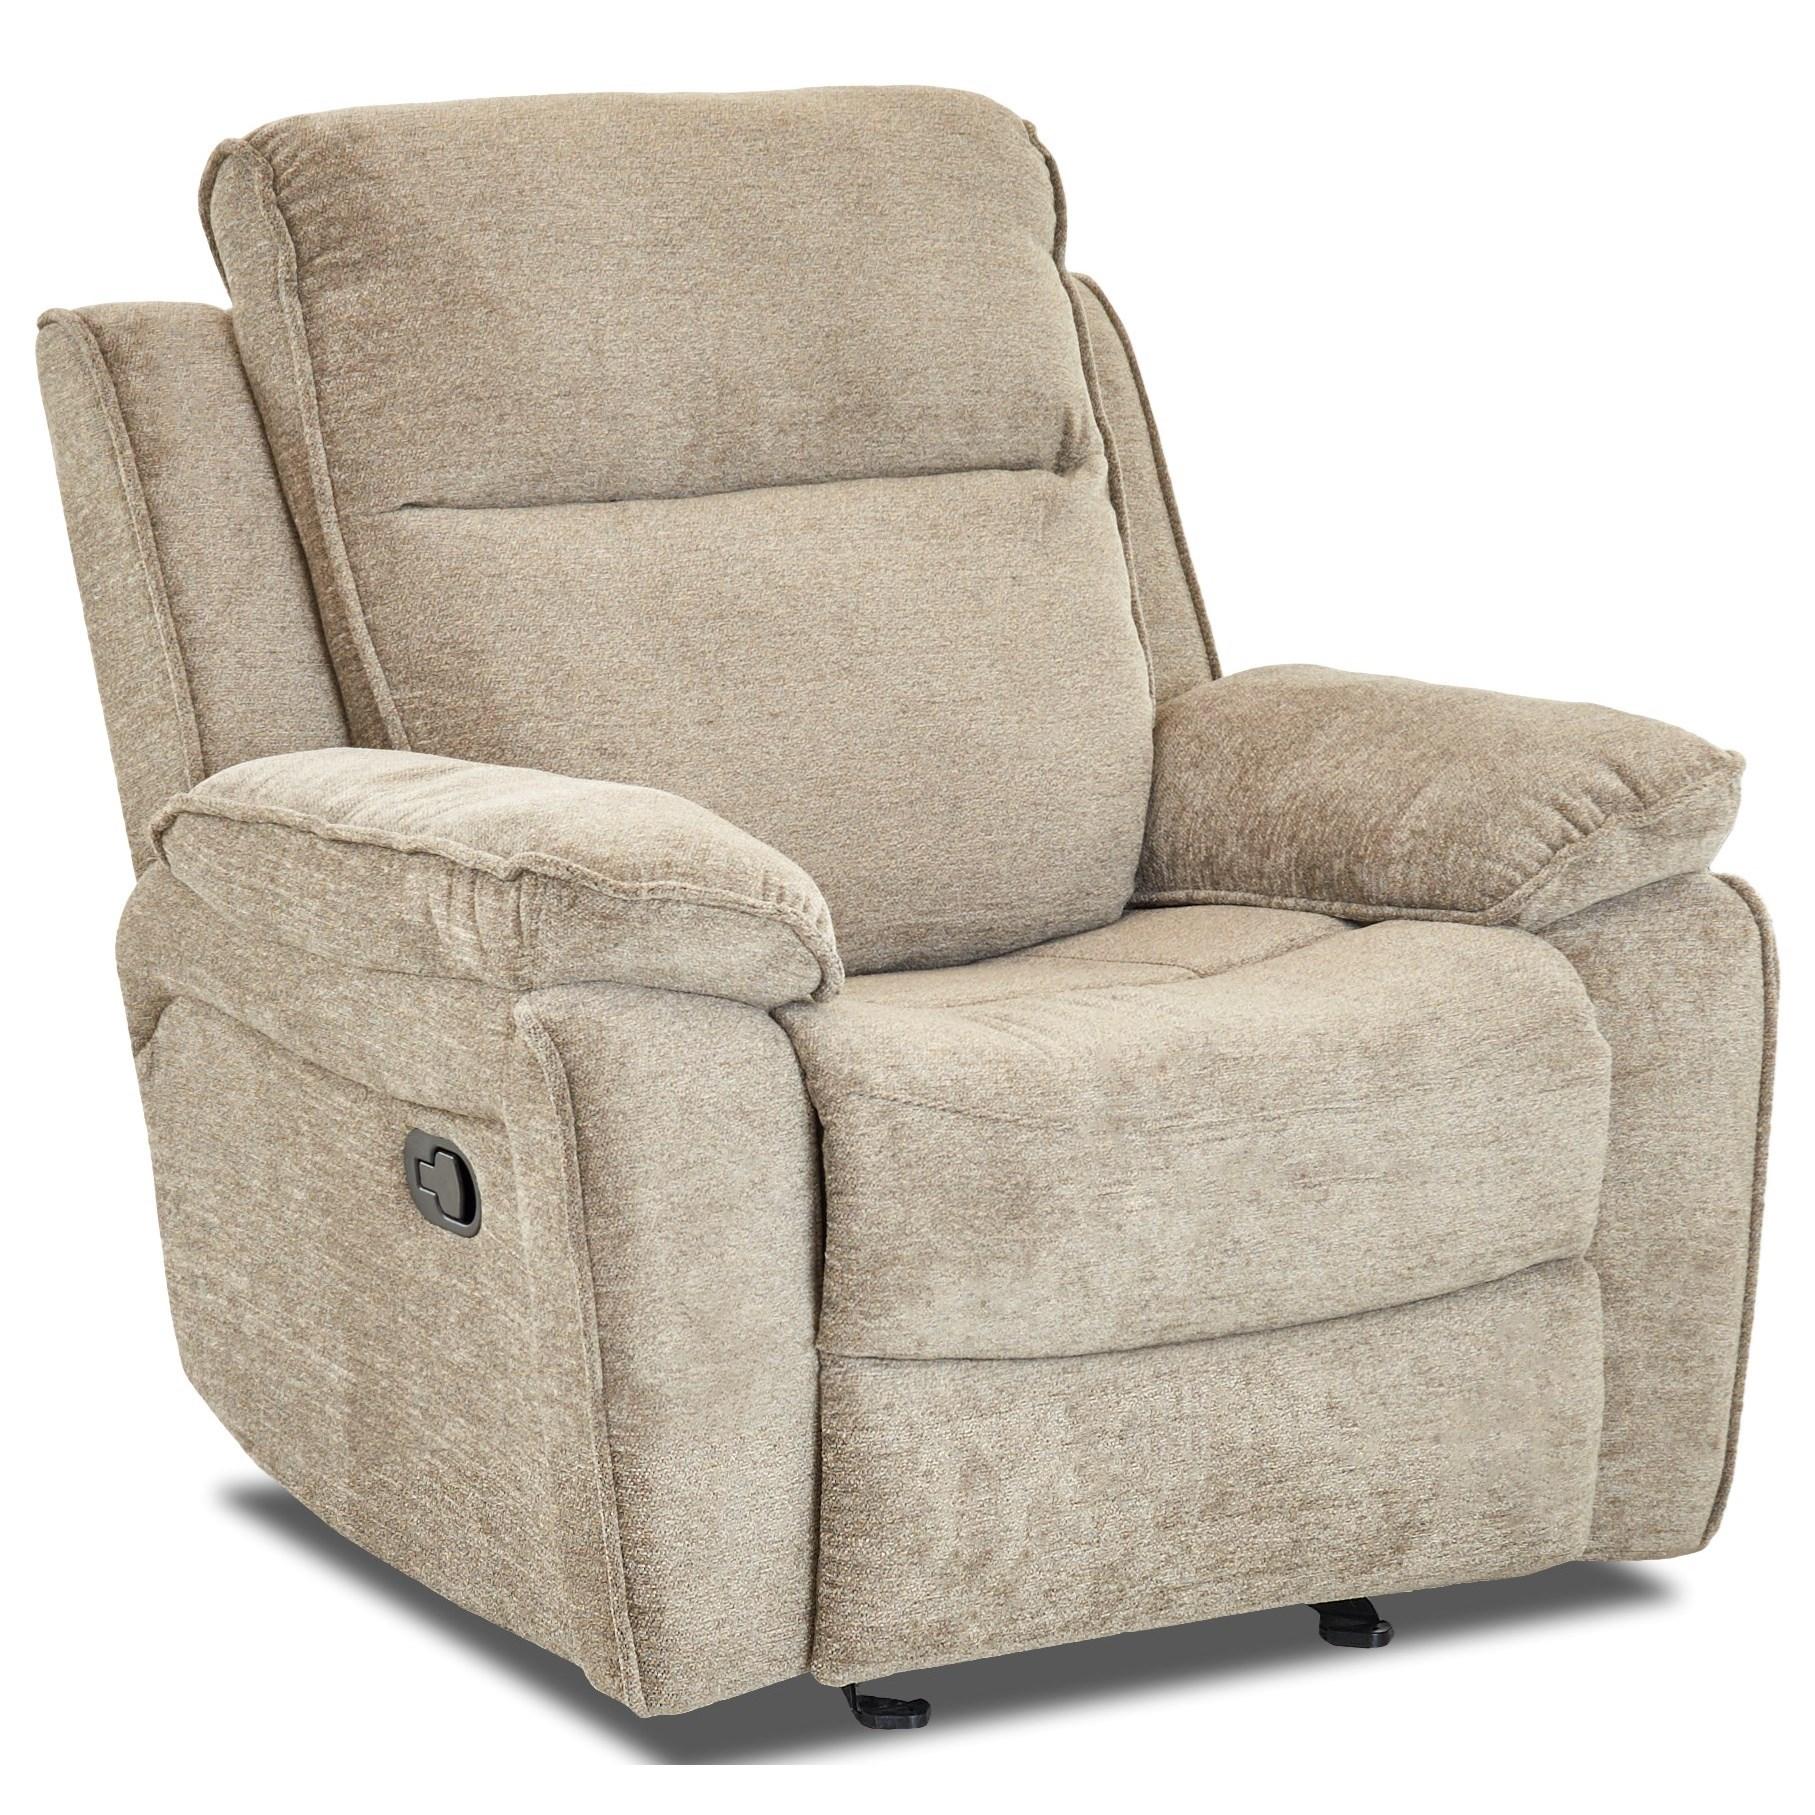 Chair Recliner Double Rocker Swivel Seat